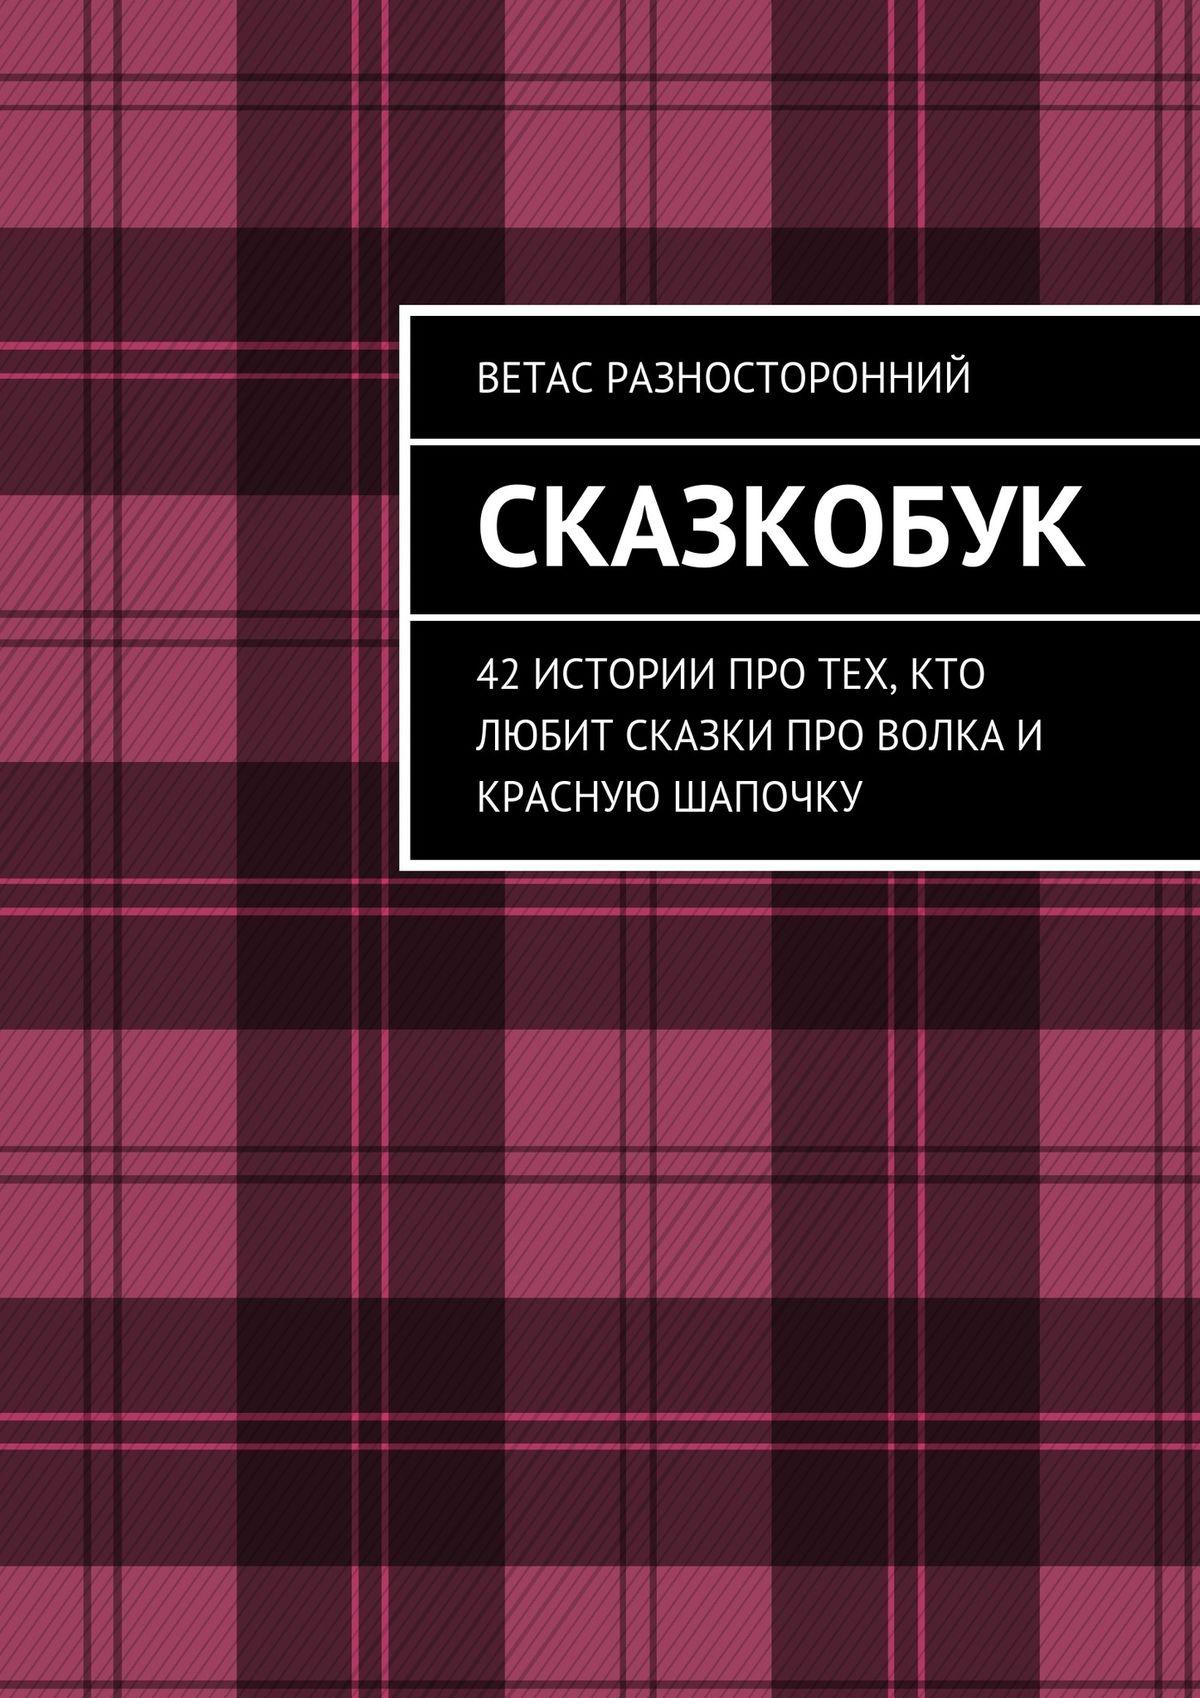 Сказкобук. 42 истории про тех, кто любит сказки про волка и Красную Шапочку